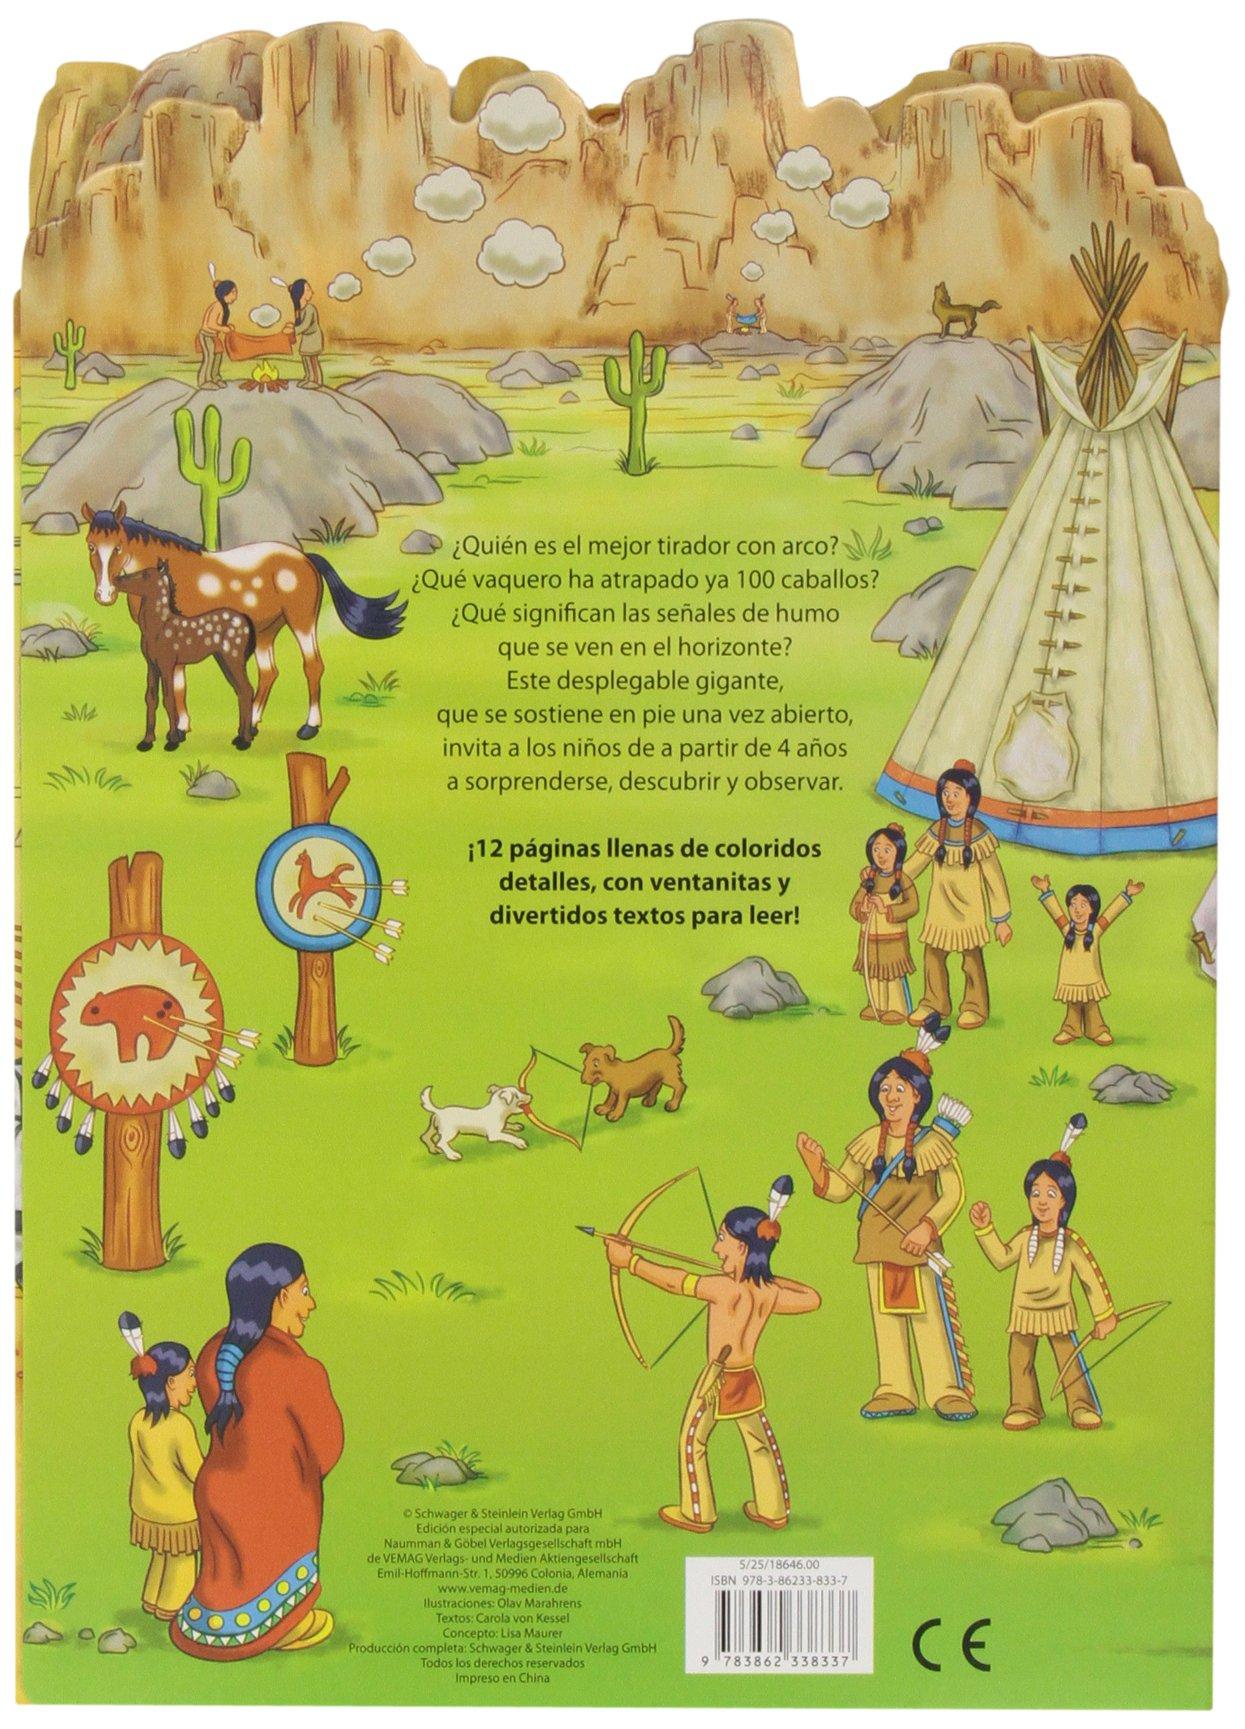 Indios y vaqueros (Desplegable gigante): Amazon.es: Vv.Aa.: Libros